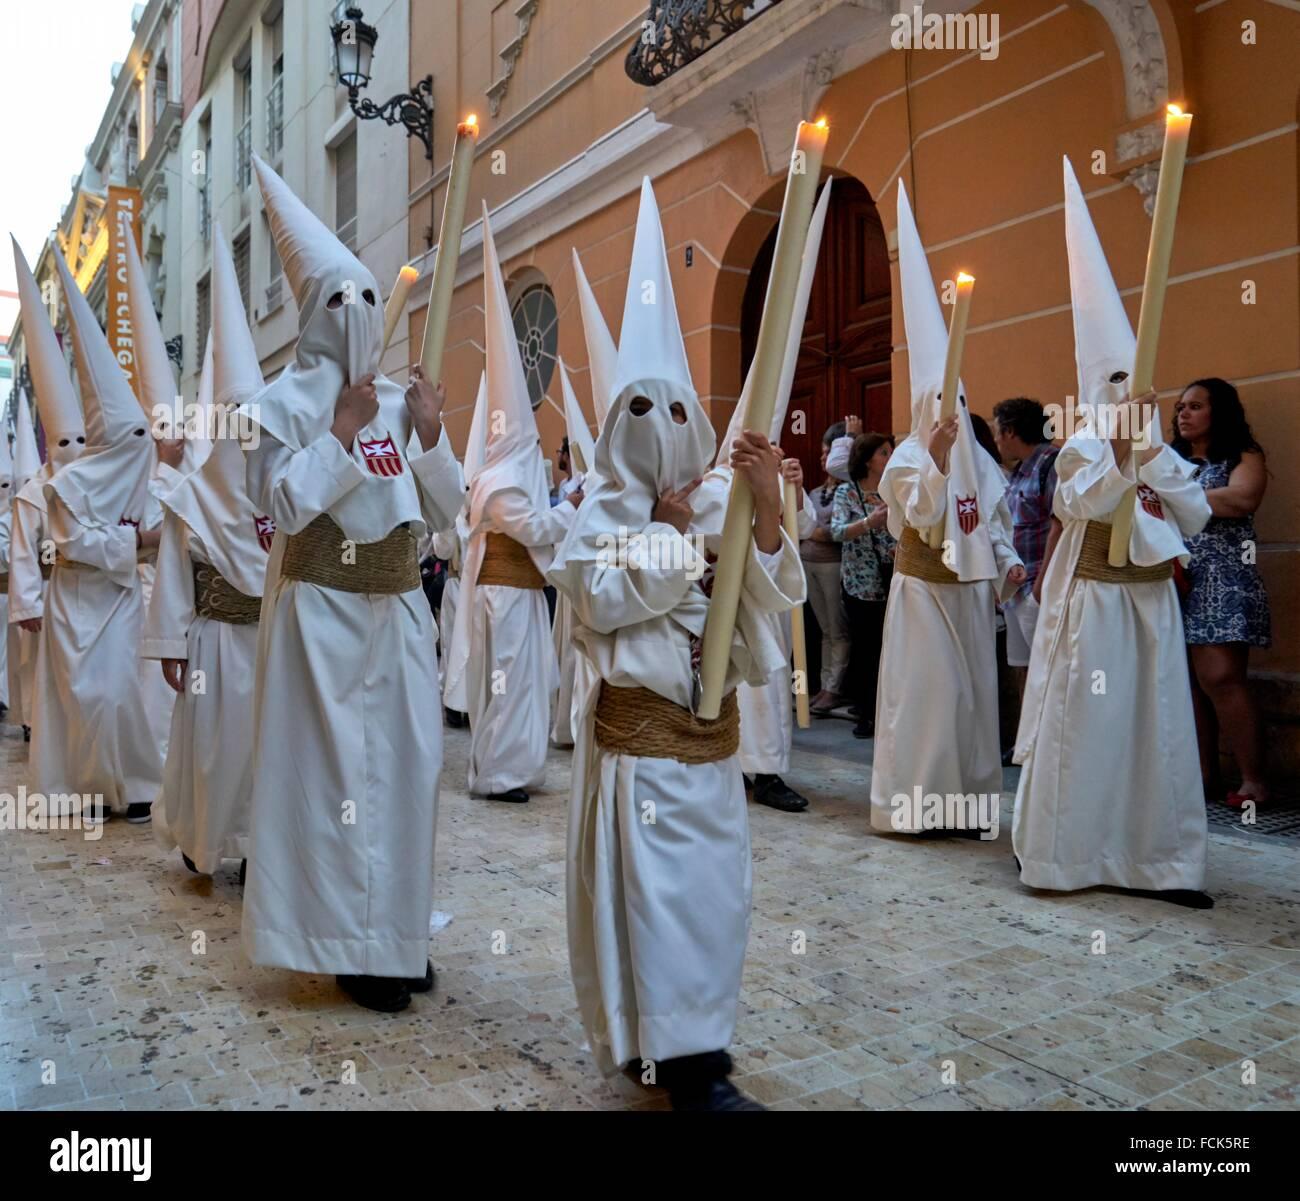 Malaga: die unverwechselbare Umhänge und Kapuzen, Capirotes der spanischen Karwoche. Stockbild